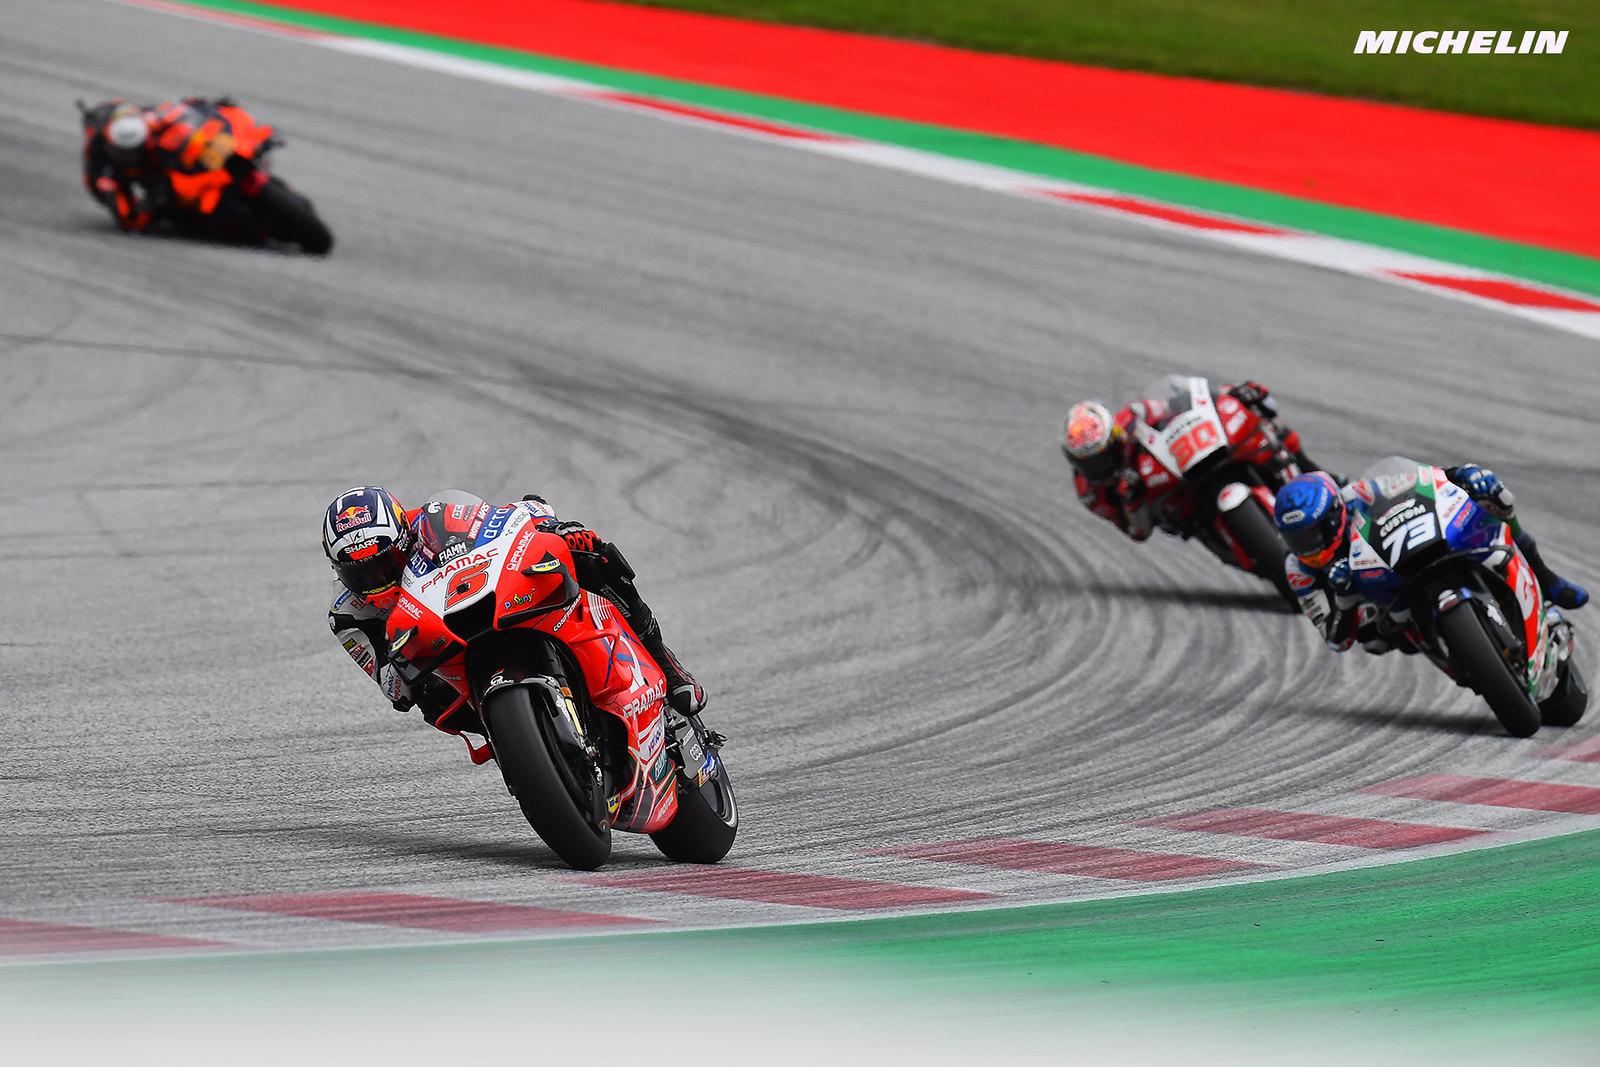 MotoGP2021スティリアGP 6位ヨハン・ザルコ「最後はタイヤが厳しく、無茶は出来なかった」